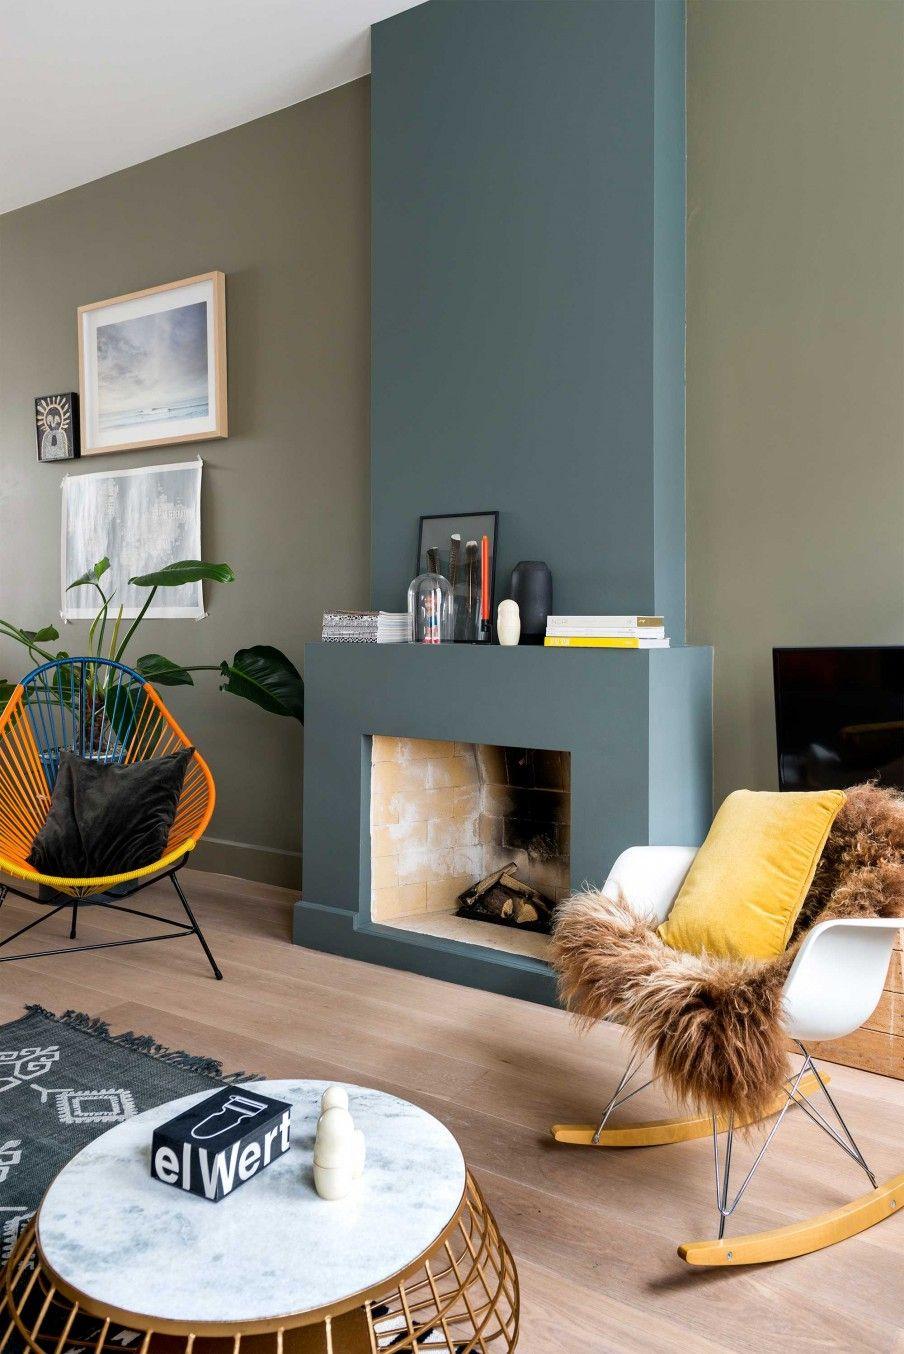 Lichte eiken vloer met donkere kleuren in interieur leuk dat gele accent erbij eiken houten - Deco cheminee interieur ...